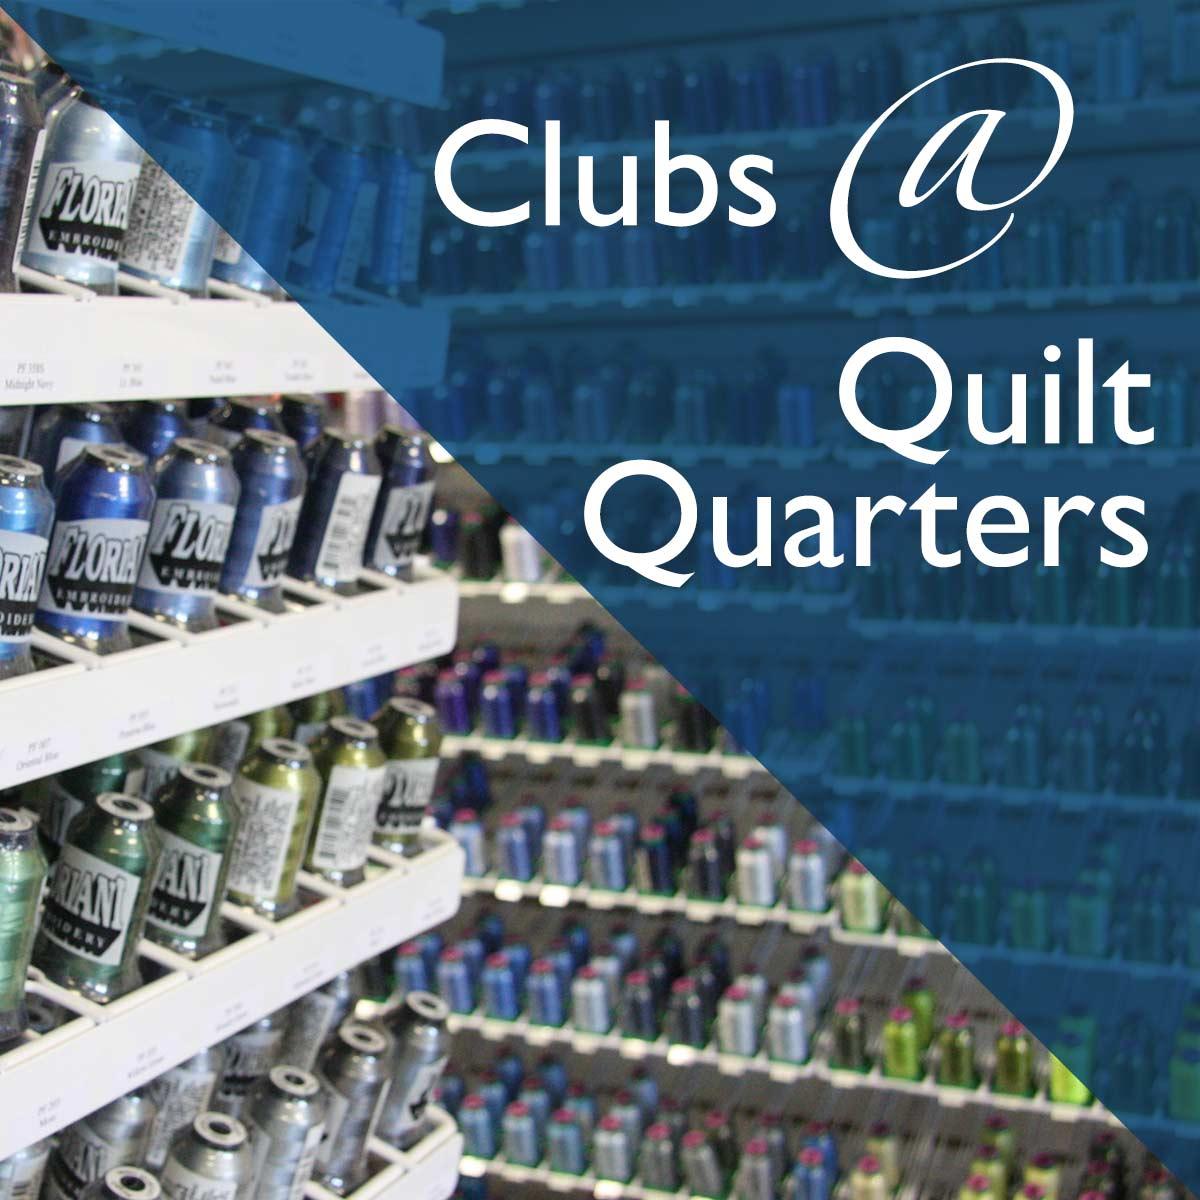 Clubs @ Quilt Quarters